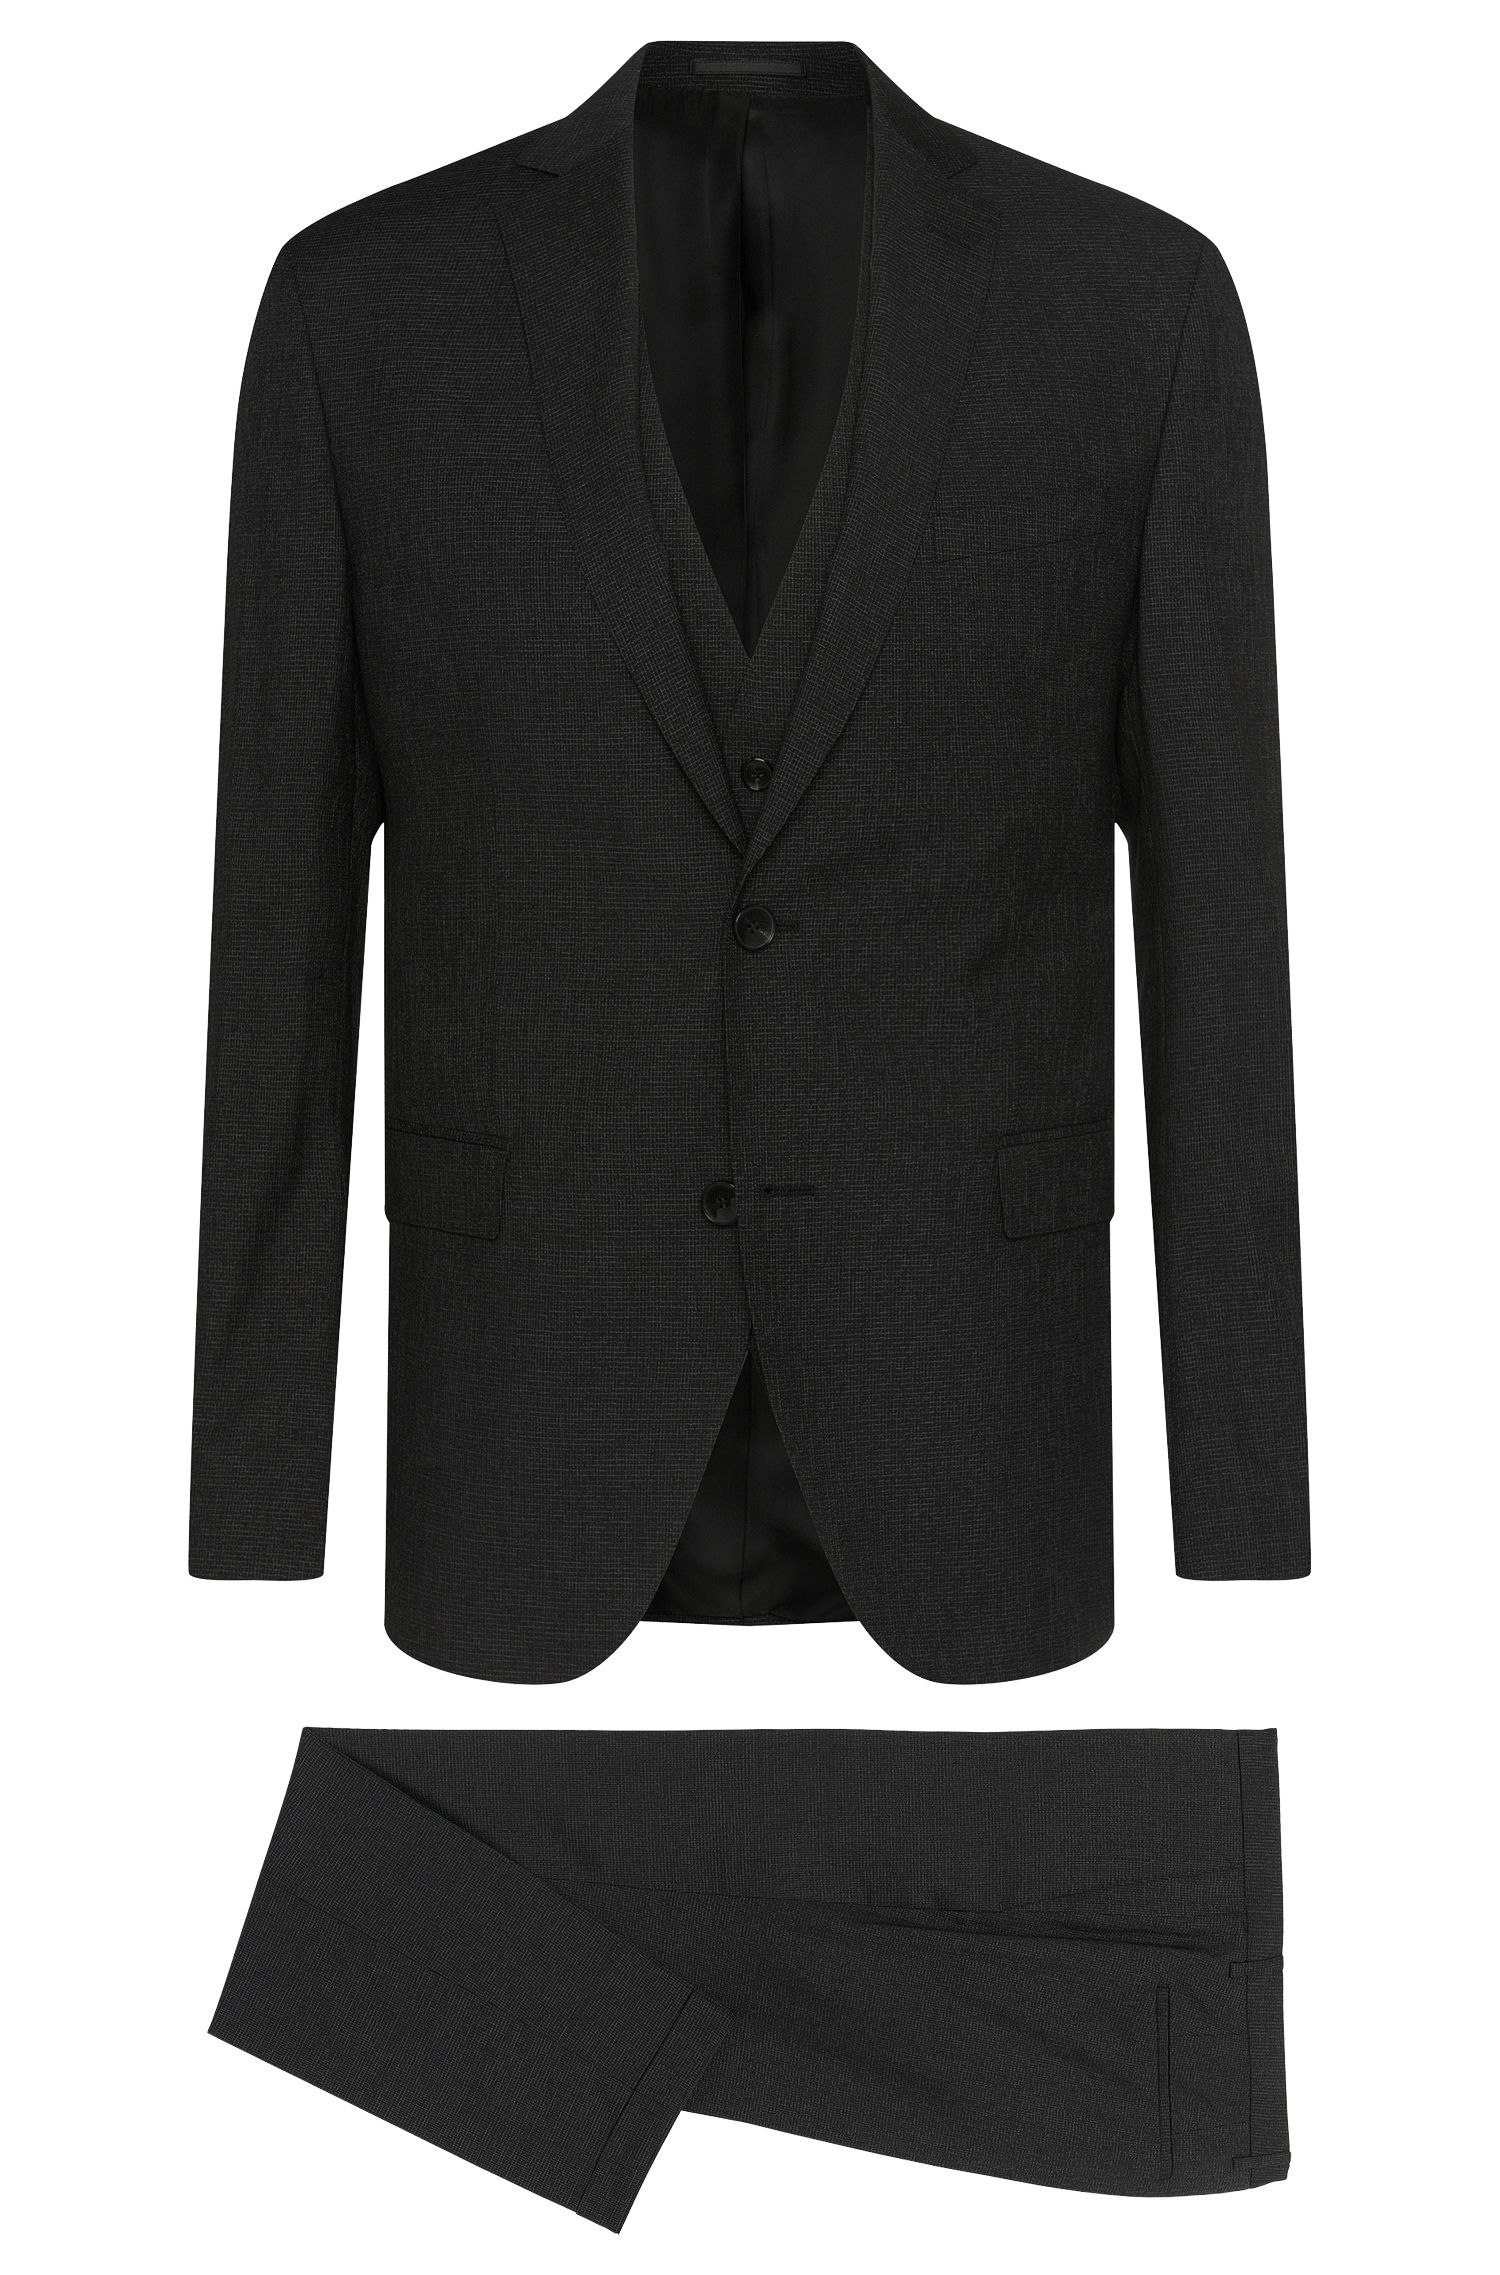 Virgin Wool Silk Blend 3-Piece Suit, Extra Slim Fit | Reyno/Wave WE